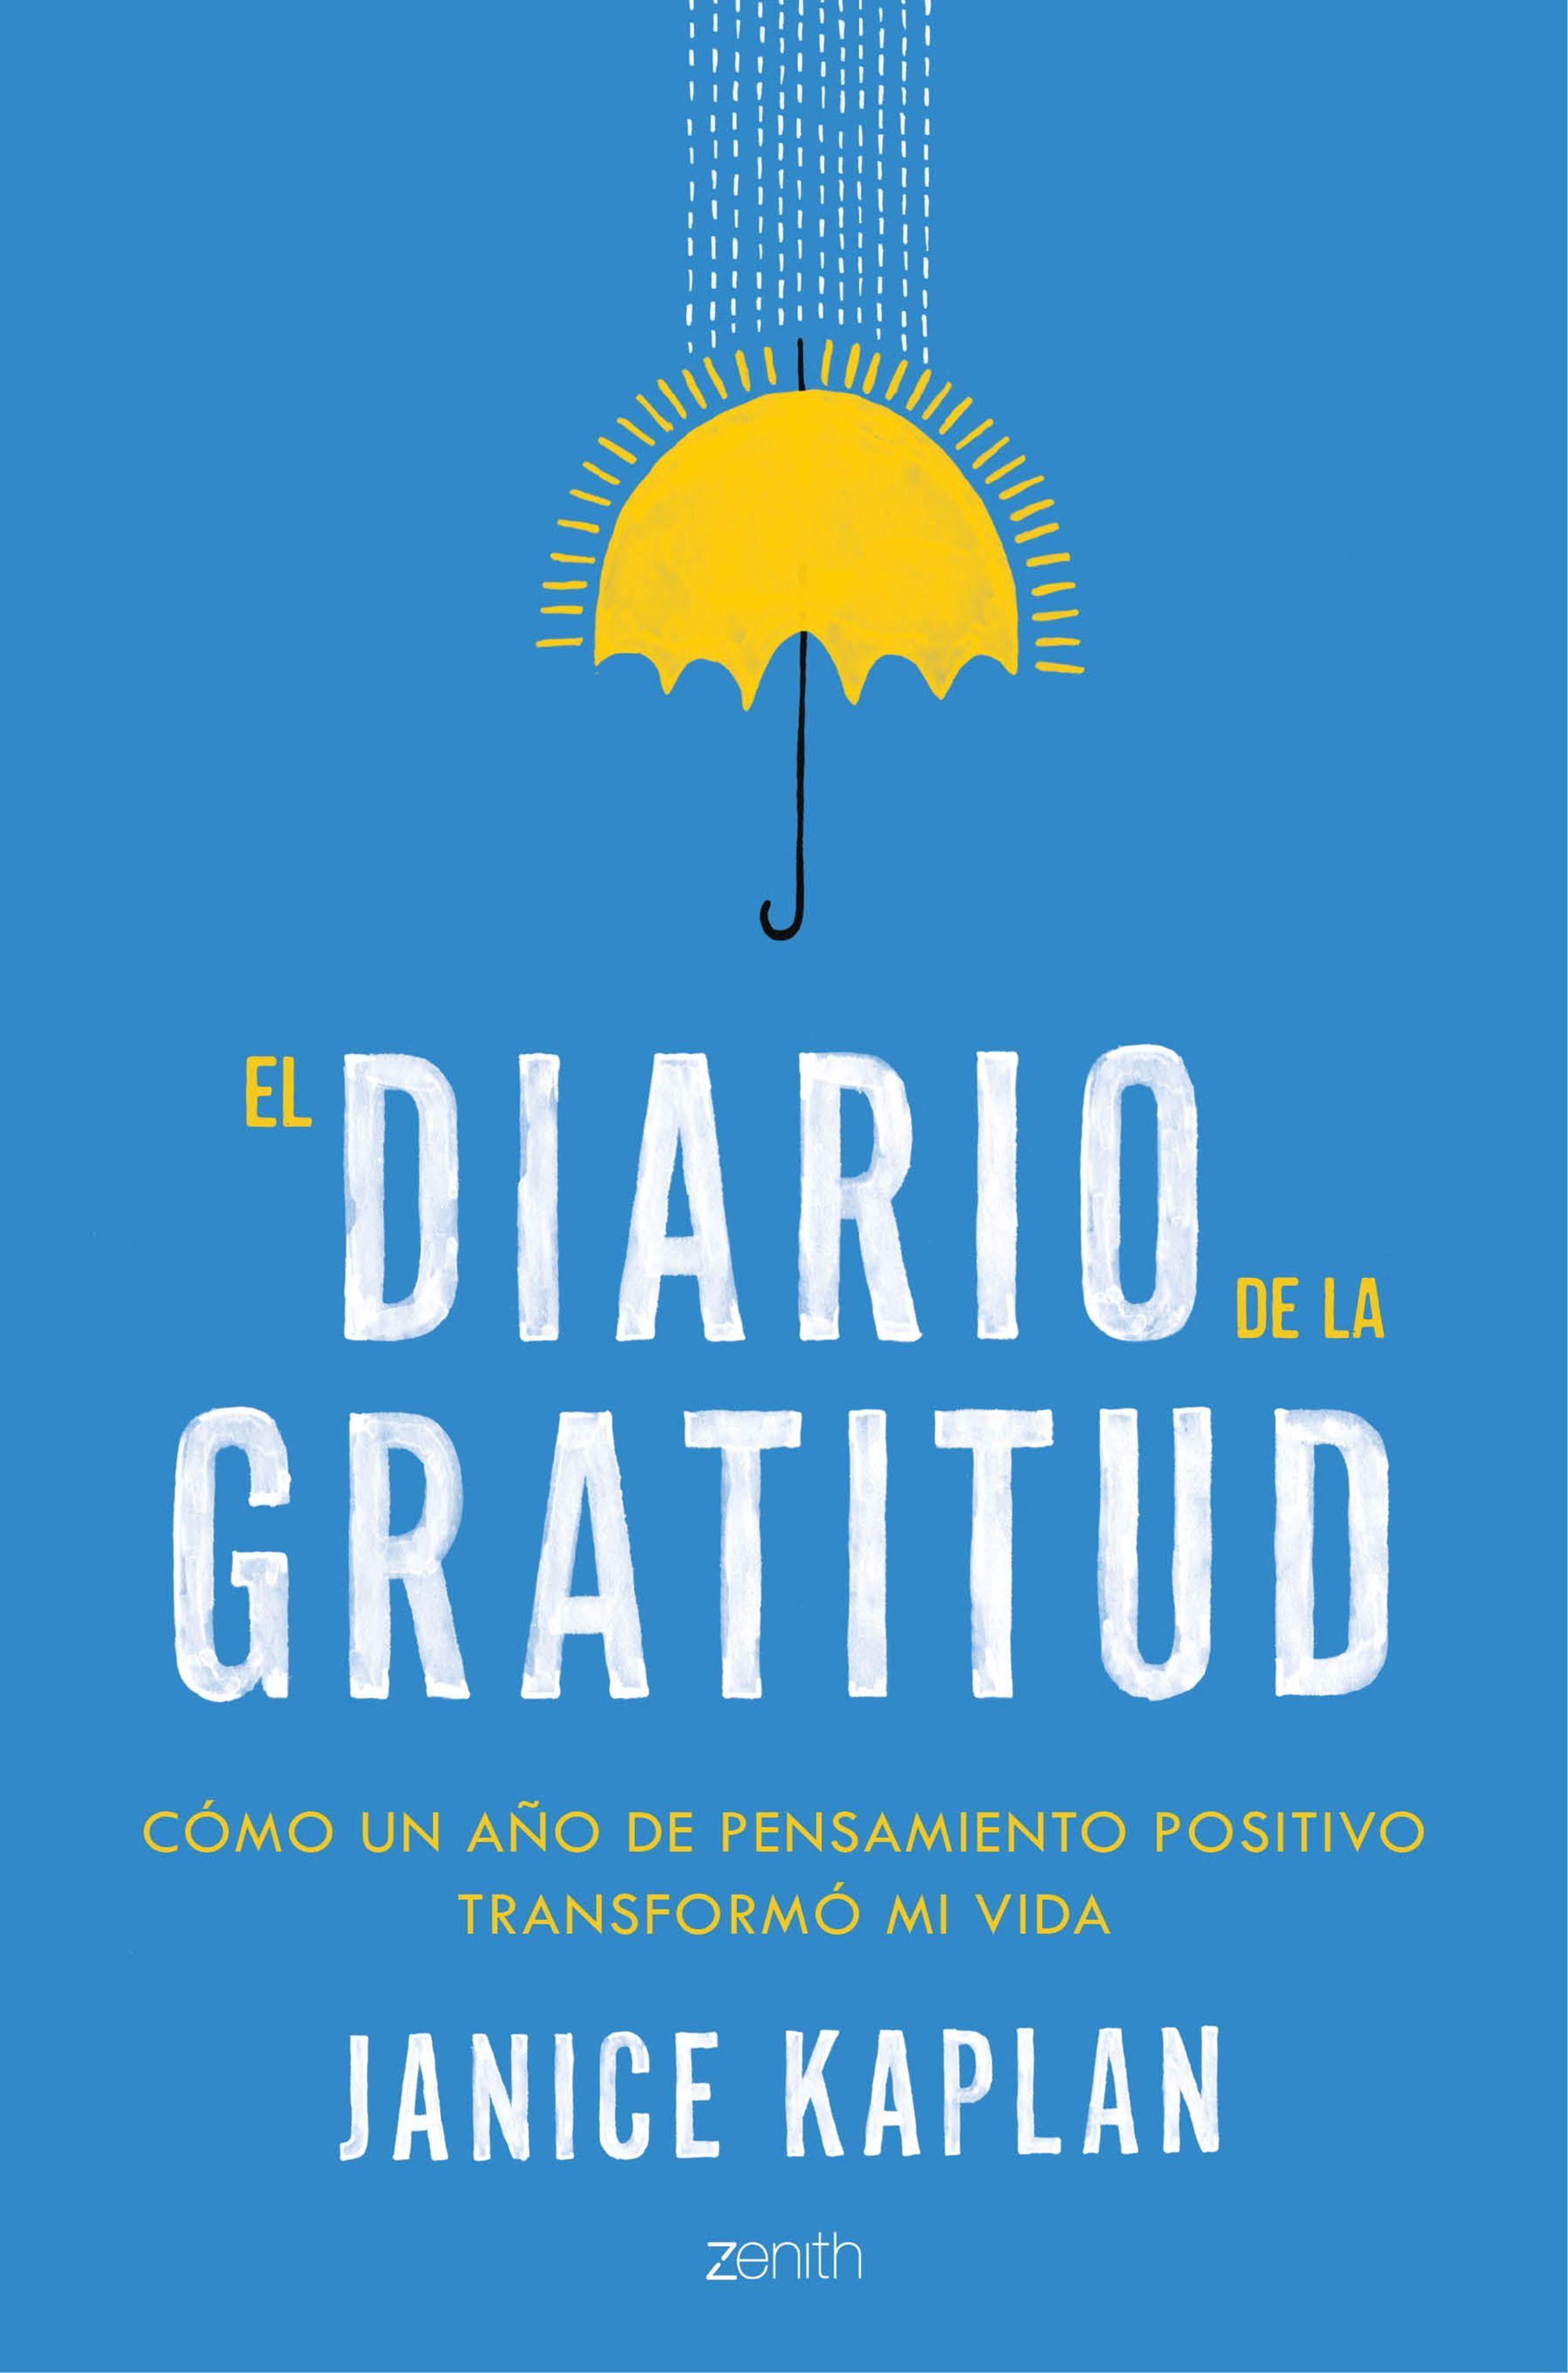 El diario de la gratitud, de Janice Kaplan. En este inspirador libro autobiográfico, Janice Kaplan, escritora, productora de televisión y periodista, nos c...